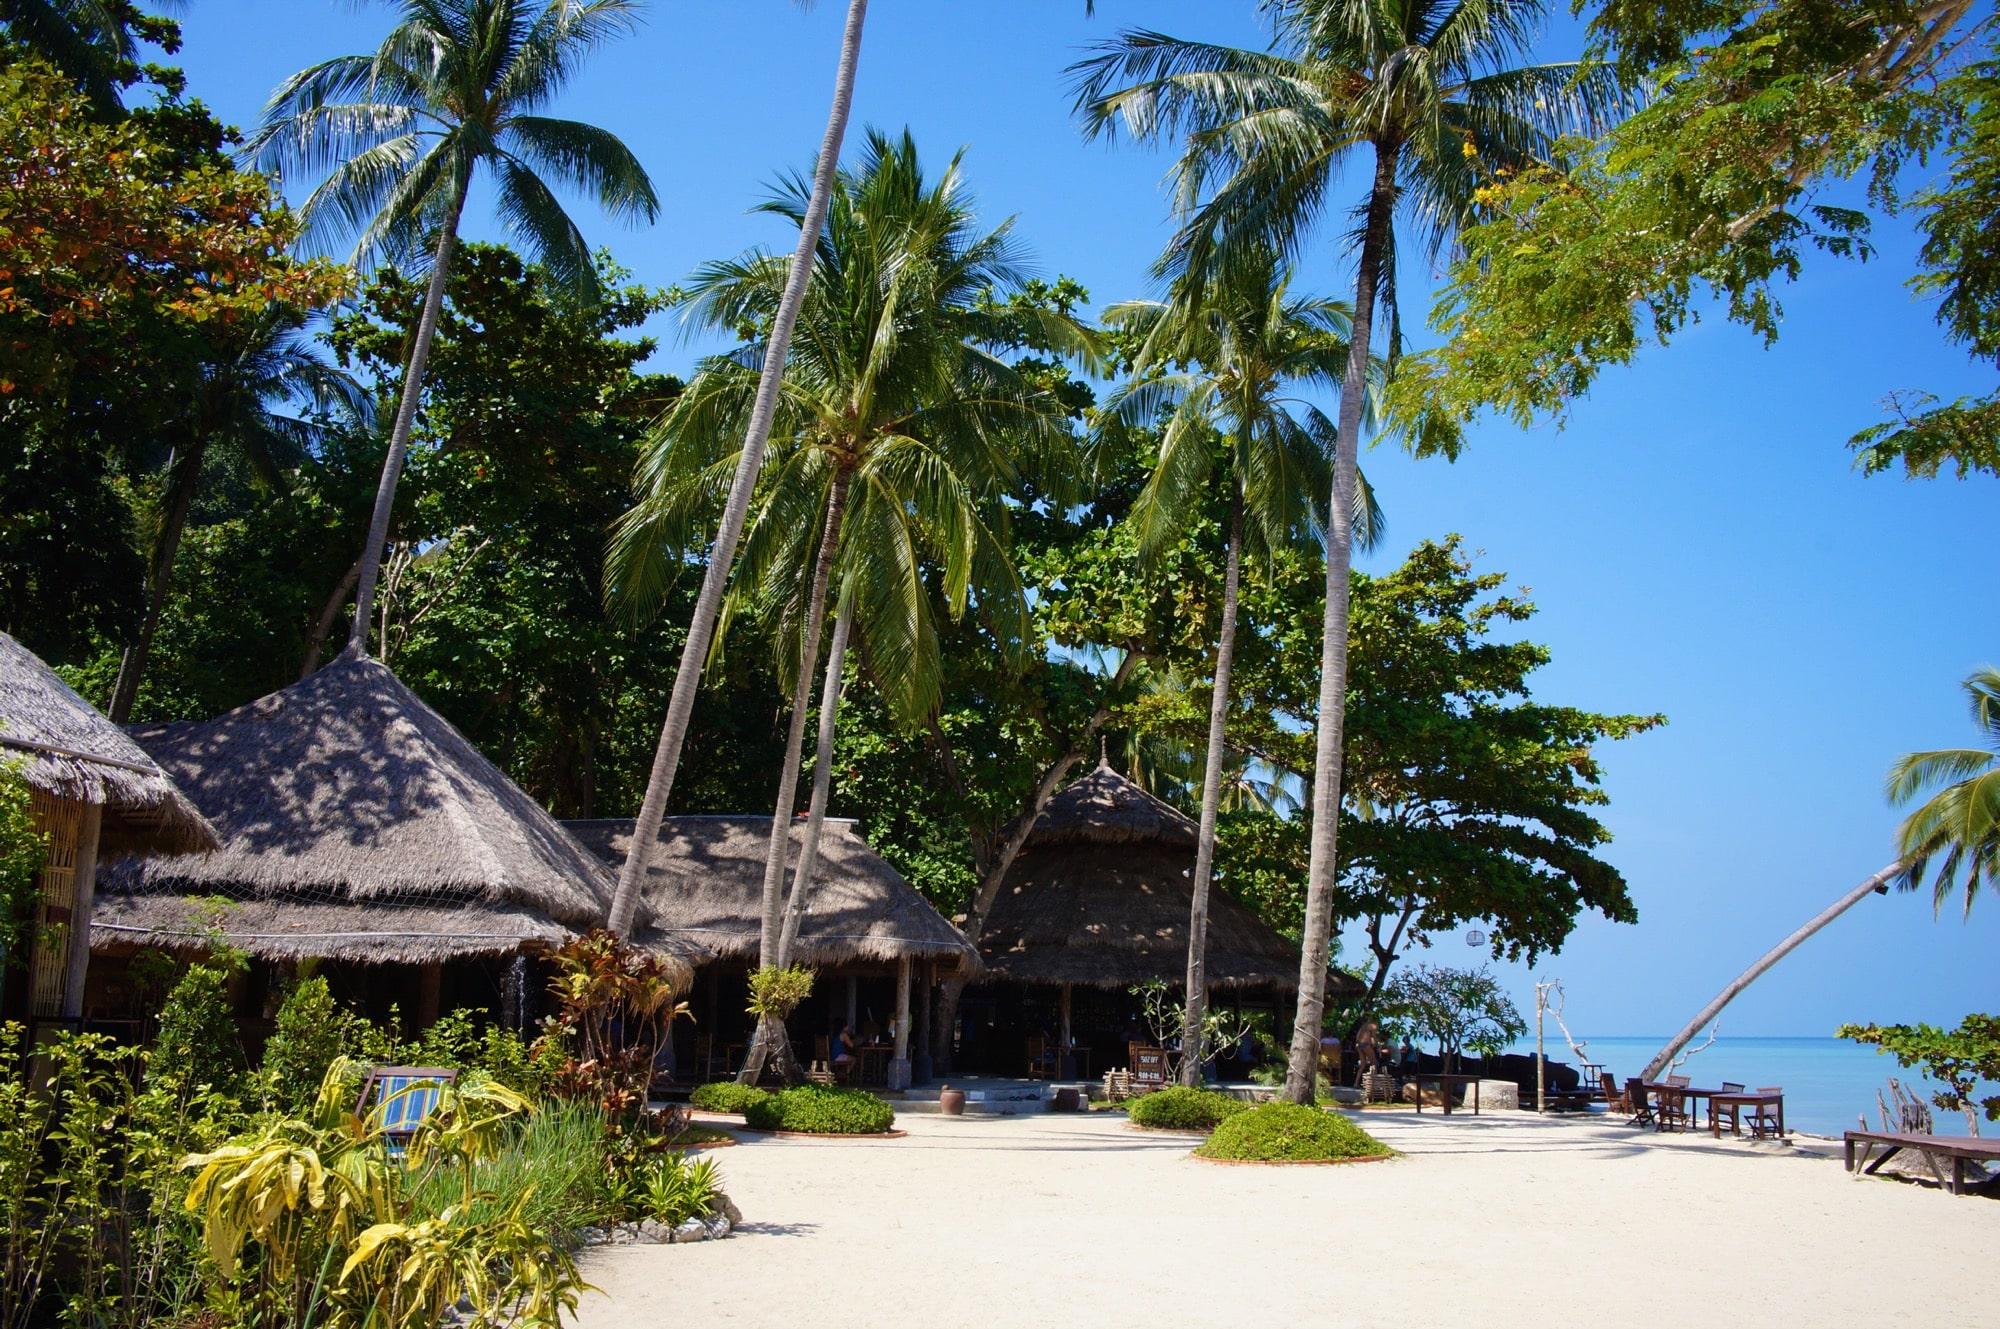 Koh Ngai Thapwarin resort